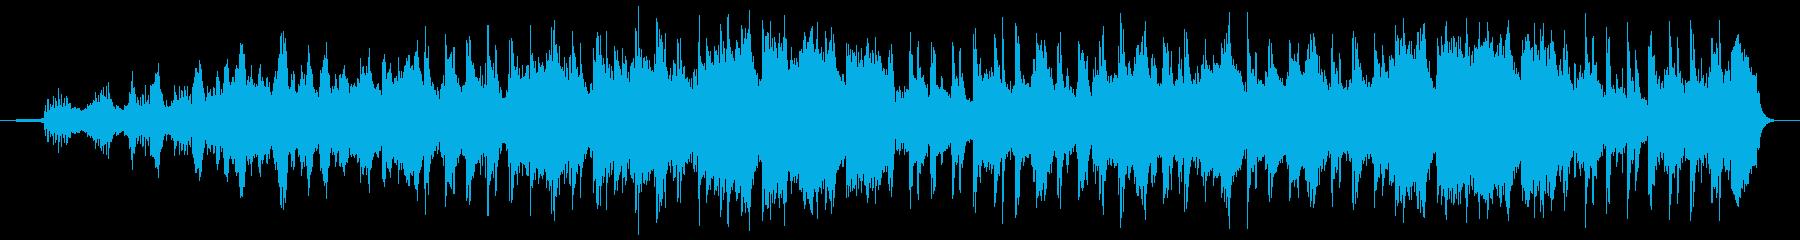 優しいリラックス雰囲気のストリングス曲の再生済みの波形